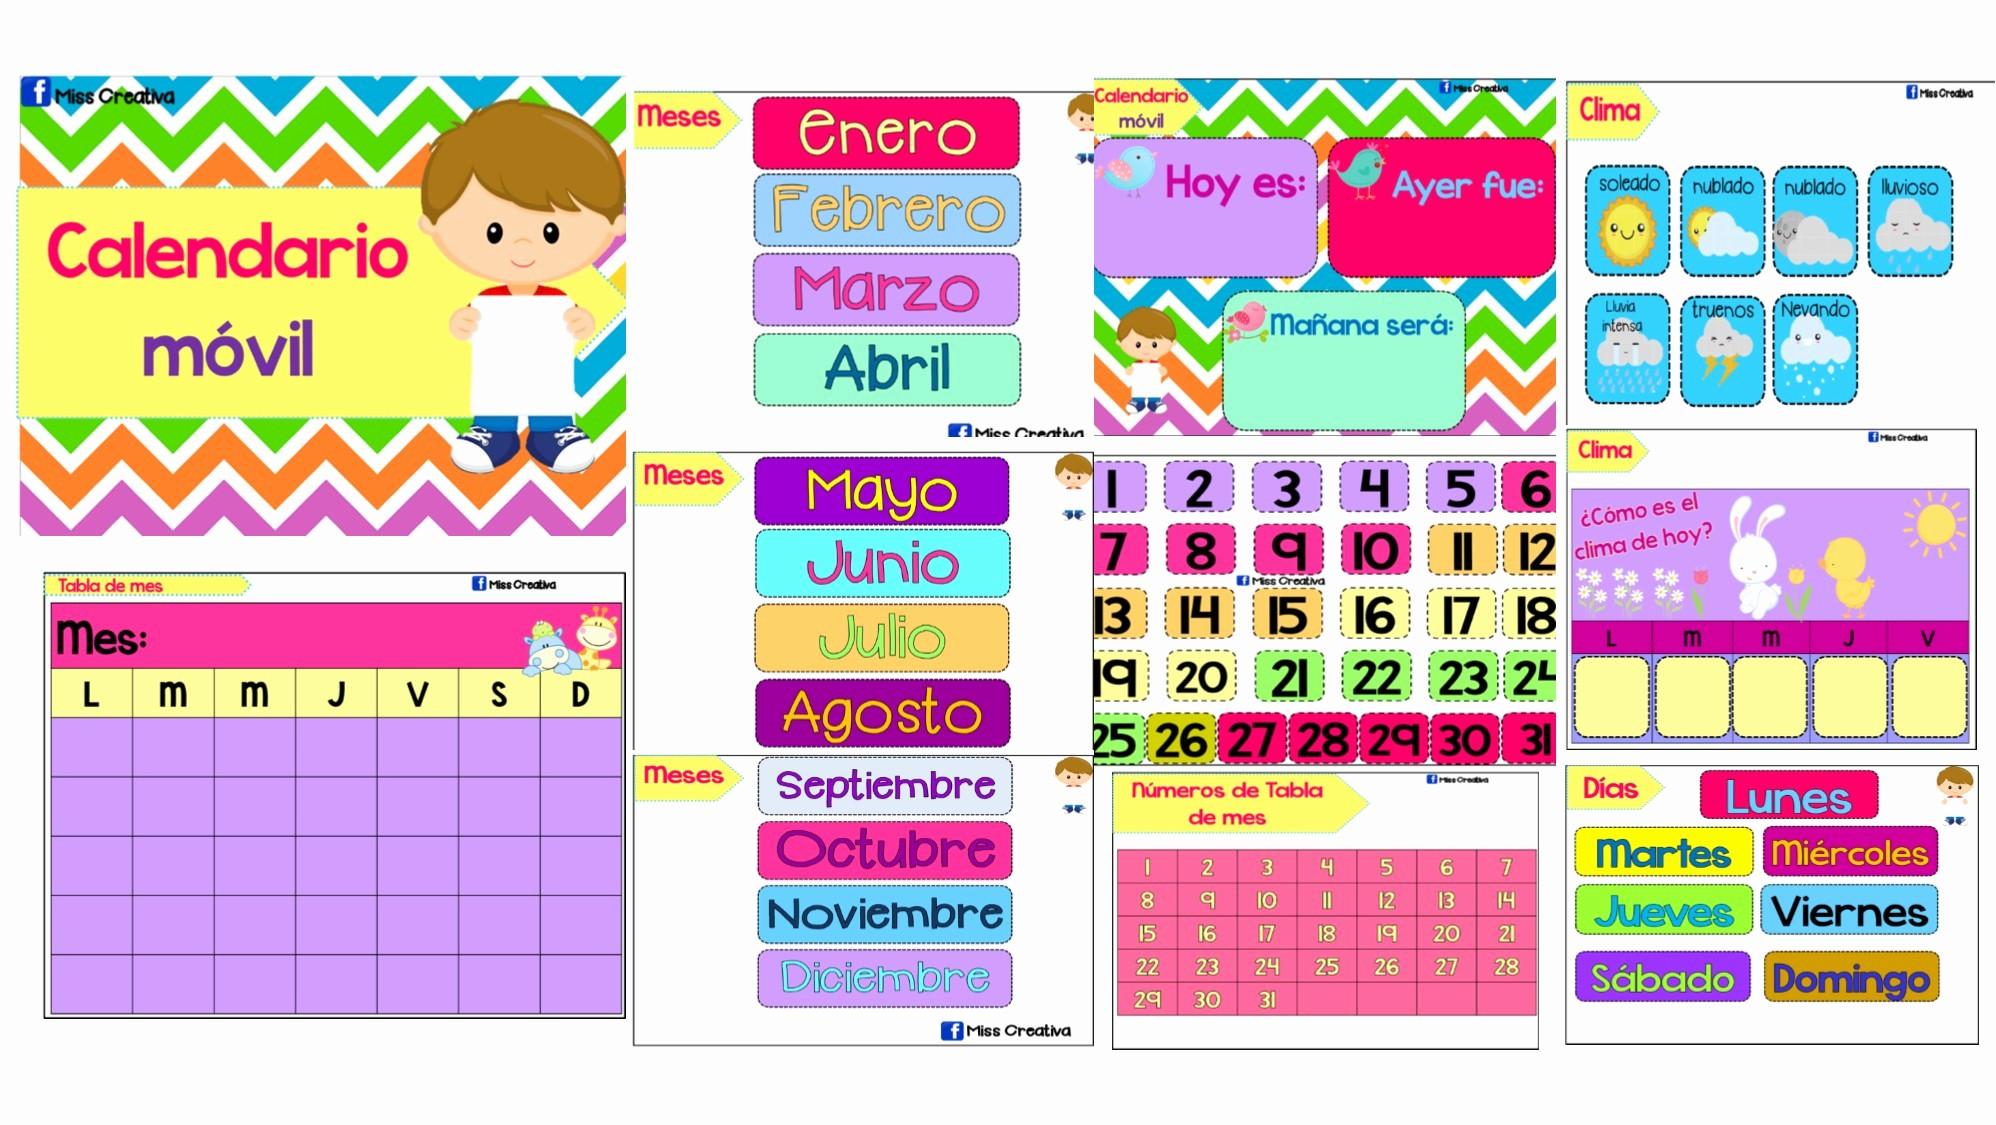 recuperar calendario movil 2019 recuperar calendario movil 2019 fabuloso calendario movil material primaria